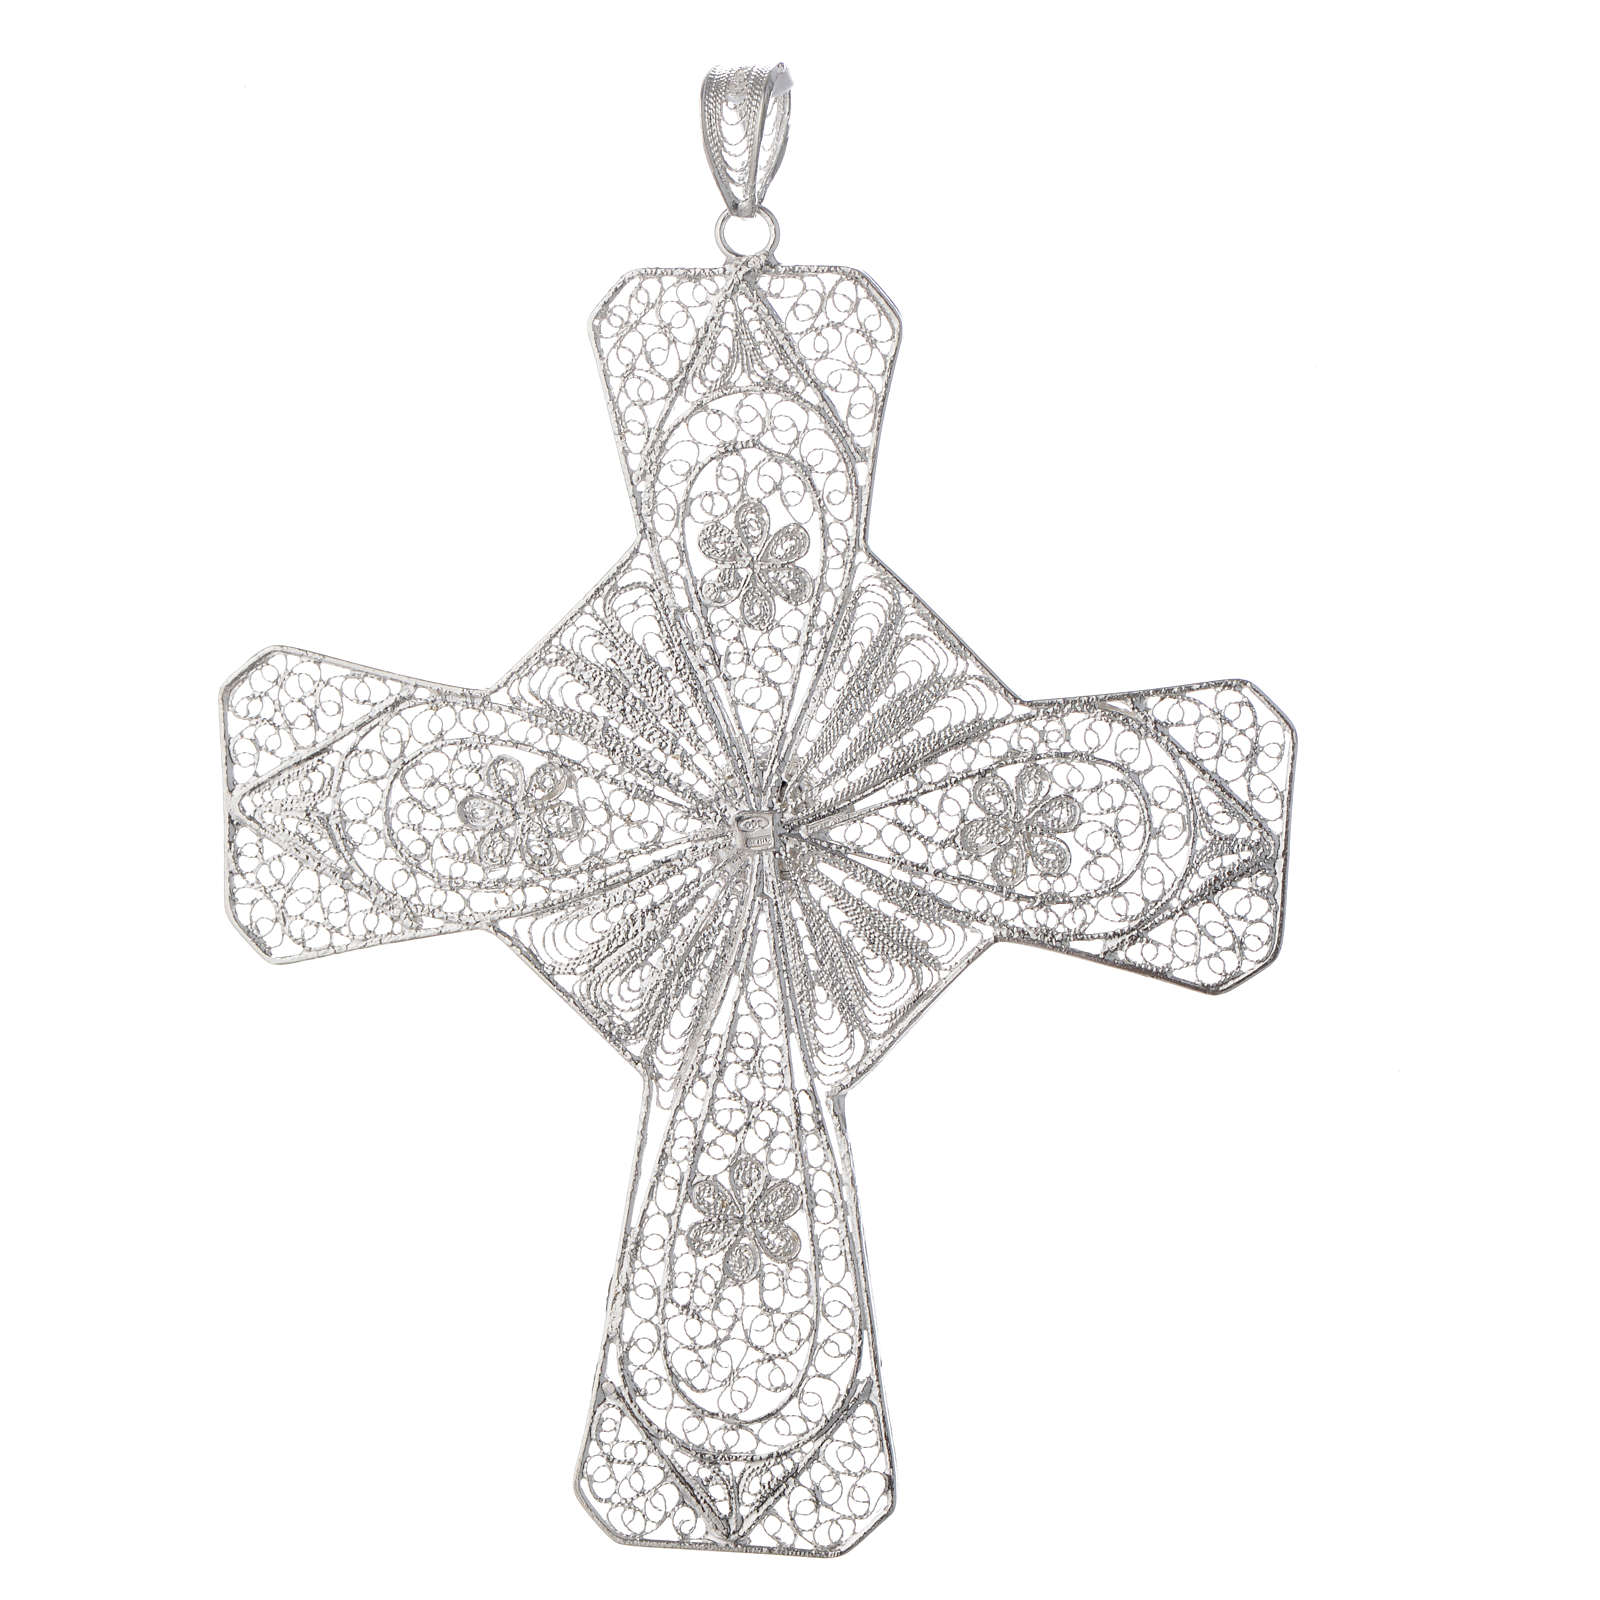 Pectoral cross silver 800 filigree, coral carnelian stone 3